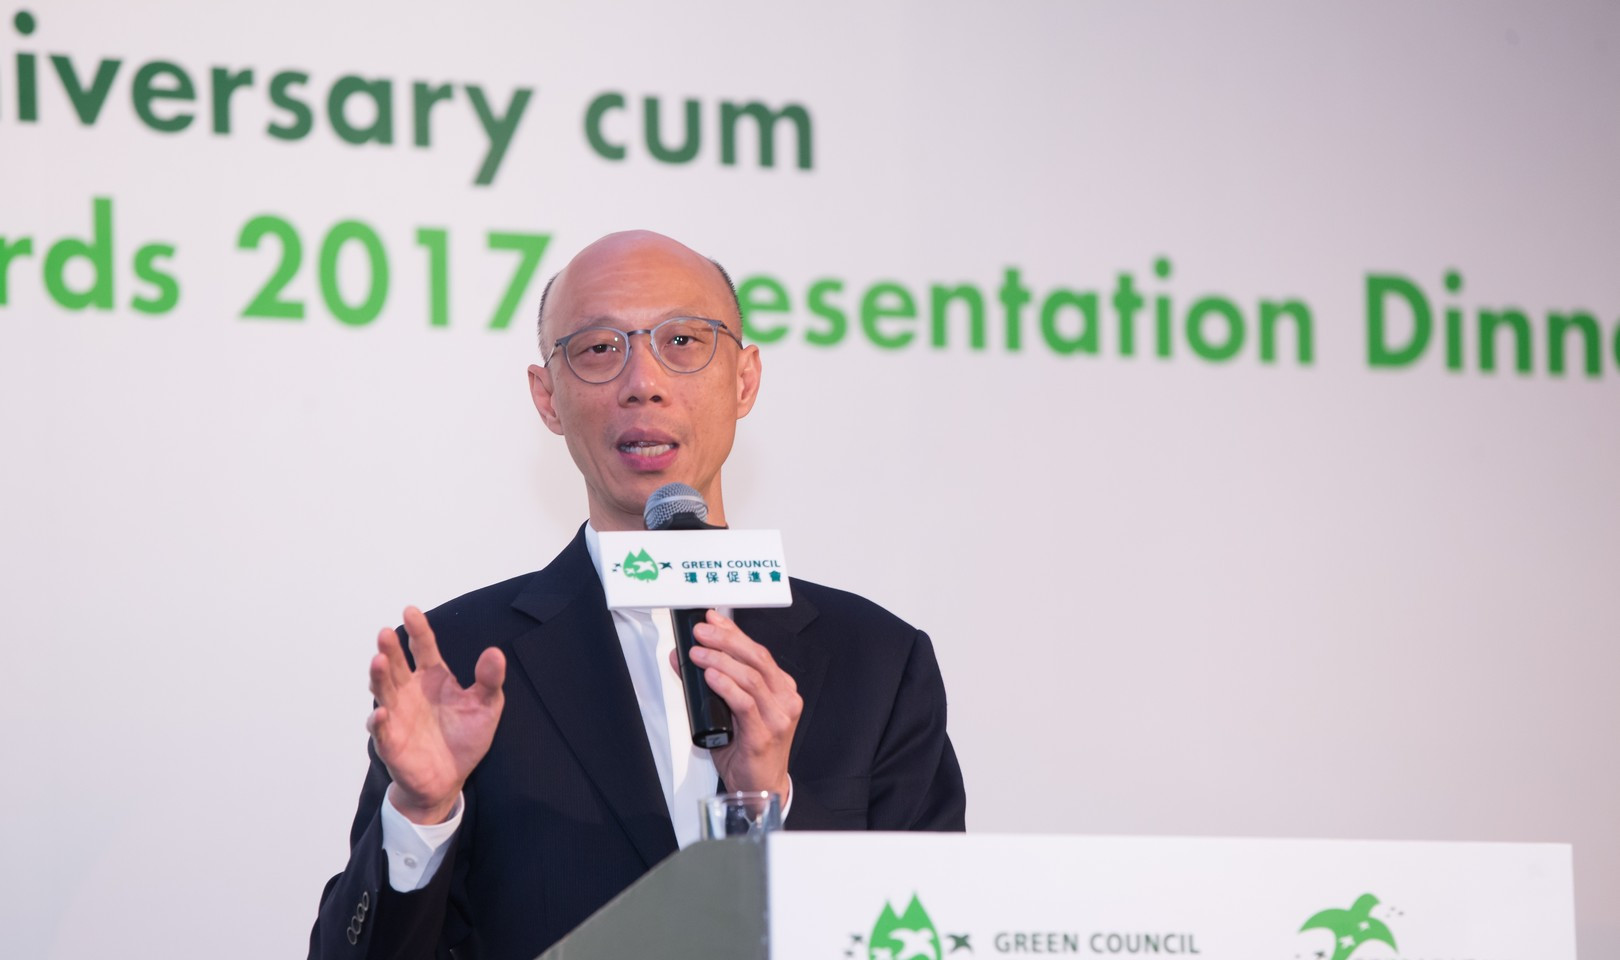 HKGA201704.jpg